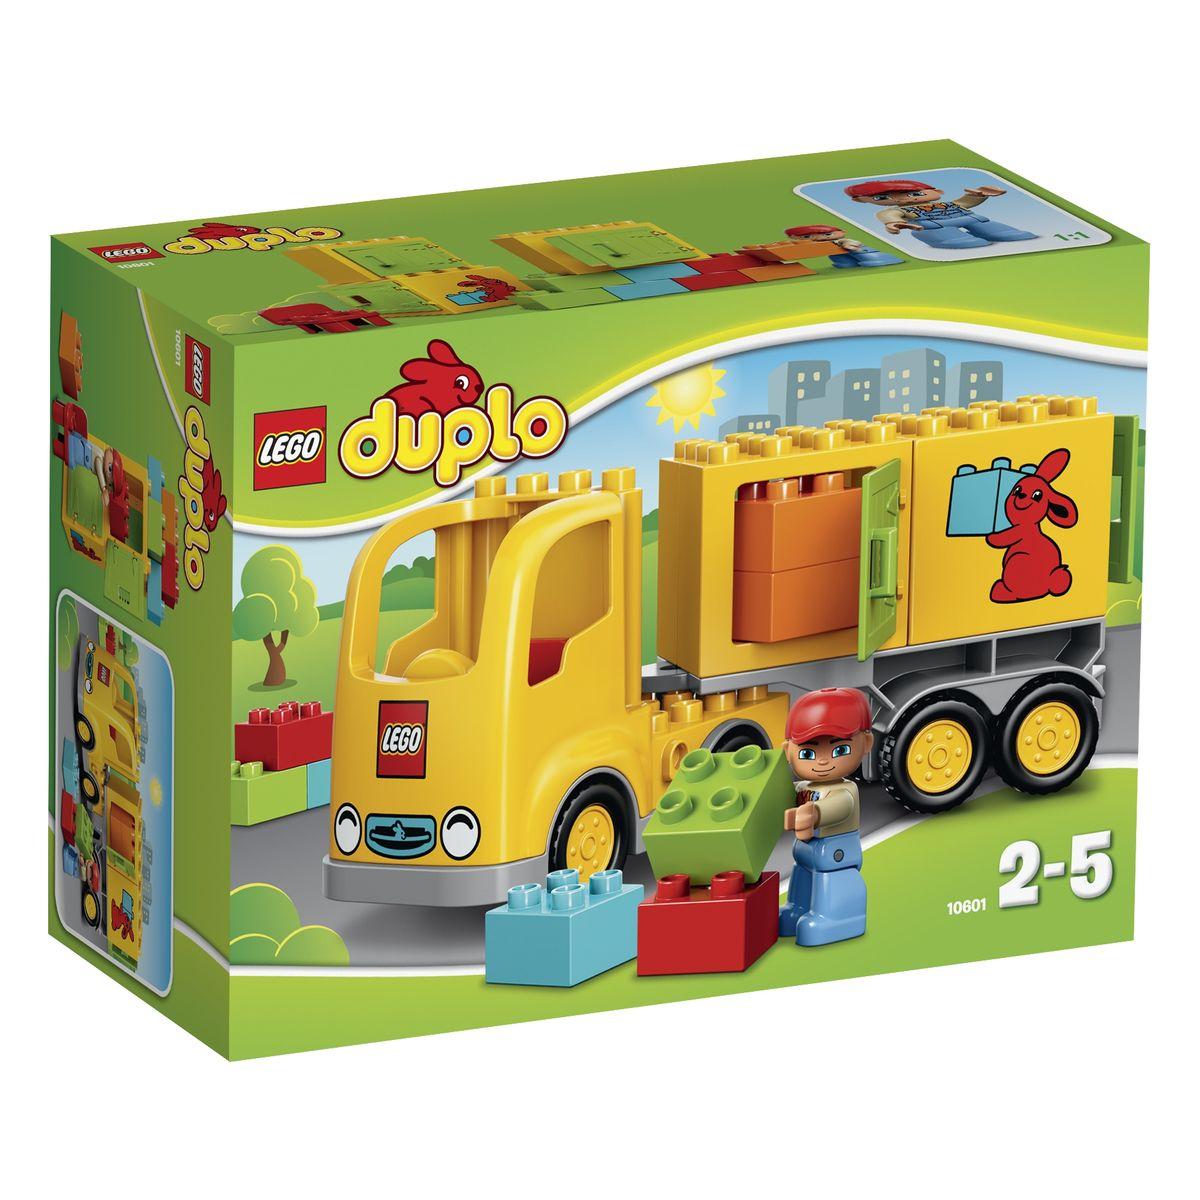 LEGO DUPLO Конструктор Желтый грузовик 1060110601Большой грузовик из набора LEGO DUPLO прекрасно пойдет для работы в службе доставки. Его корпус выполнен из ярко-желтых деталей, хорошо заметных издалека. Спереди располагается кабина водителя, оборудованная радиаторной решеткой, круглыми фарами и классической эмблемой LEGO. За кабиной виден багажный отсек, служащий местом прикрепления большой транспортировочной платформы. На ней перевозят различные виды грузов, начиная с небольших разноцветных коробок и заканчивая частями строящегося дома. Также на платформу можно установить специальные контейнеры с логотипом компании. Благодаря открывающимся боковым и задним дверцам, в контейнеры можно сложить наиболее ценные и хрупкие грузы, требующие аккуратной перевозки. Игра с конструктором развивает мелкую моторику ребенка, фантазию и воображение, учит его усидчивости и внимательности. Рекомендуемый возраст: от 2 до 5 лет.